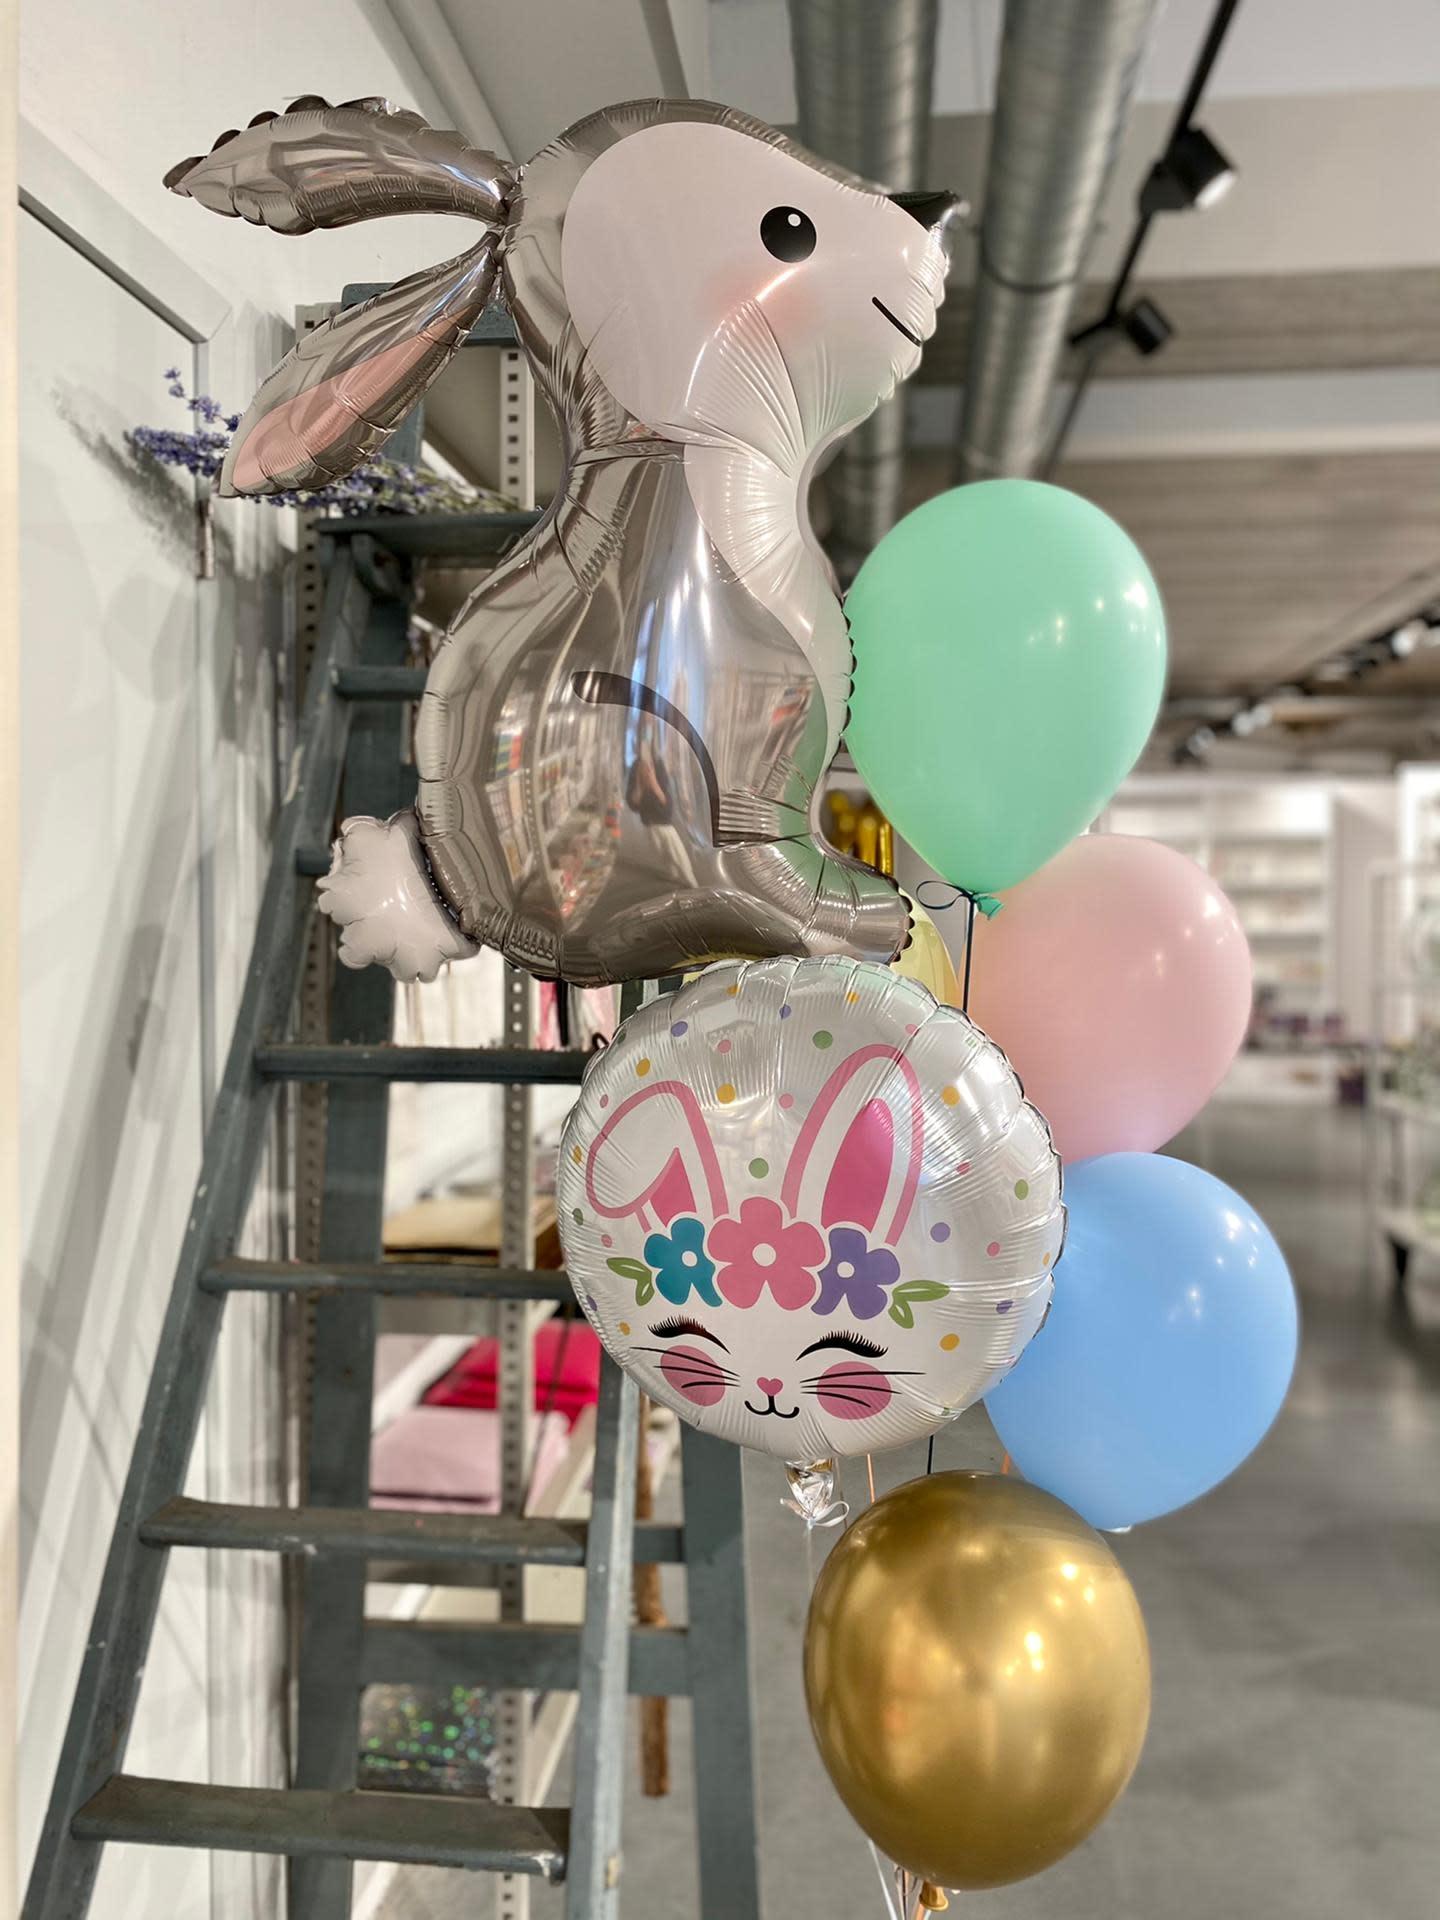 YAY Easter Balloon bouquet de luxe